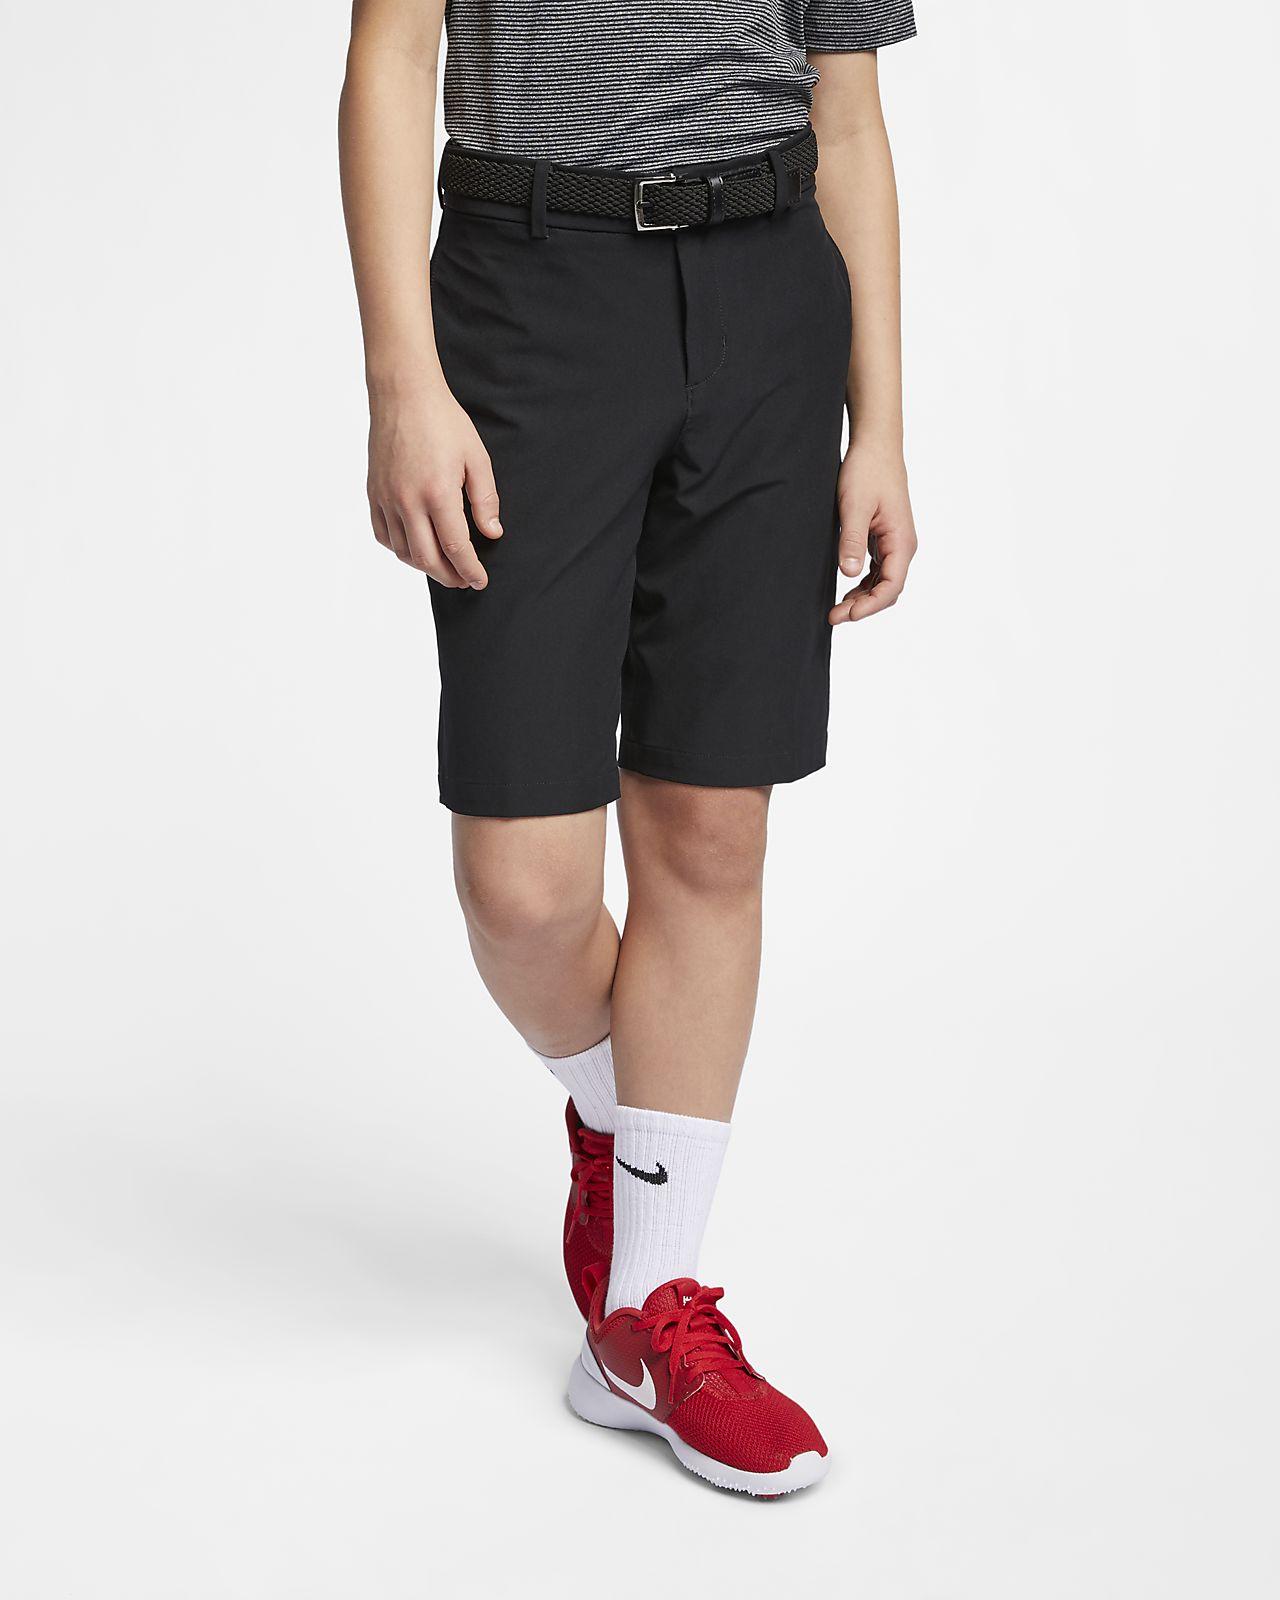 Шорты для гольфа для мальчиков школьного возраста Nike Flex